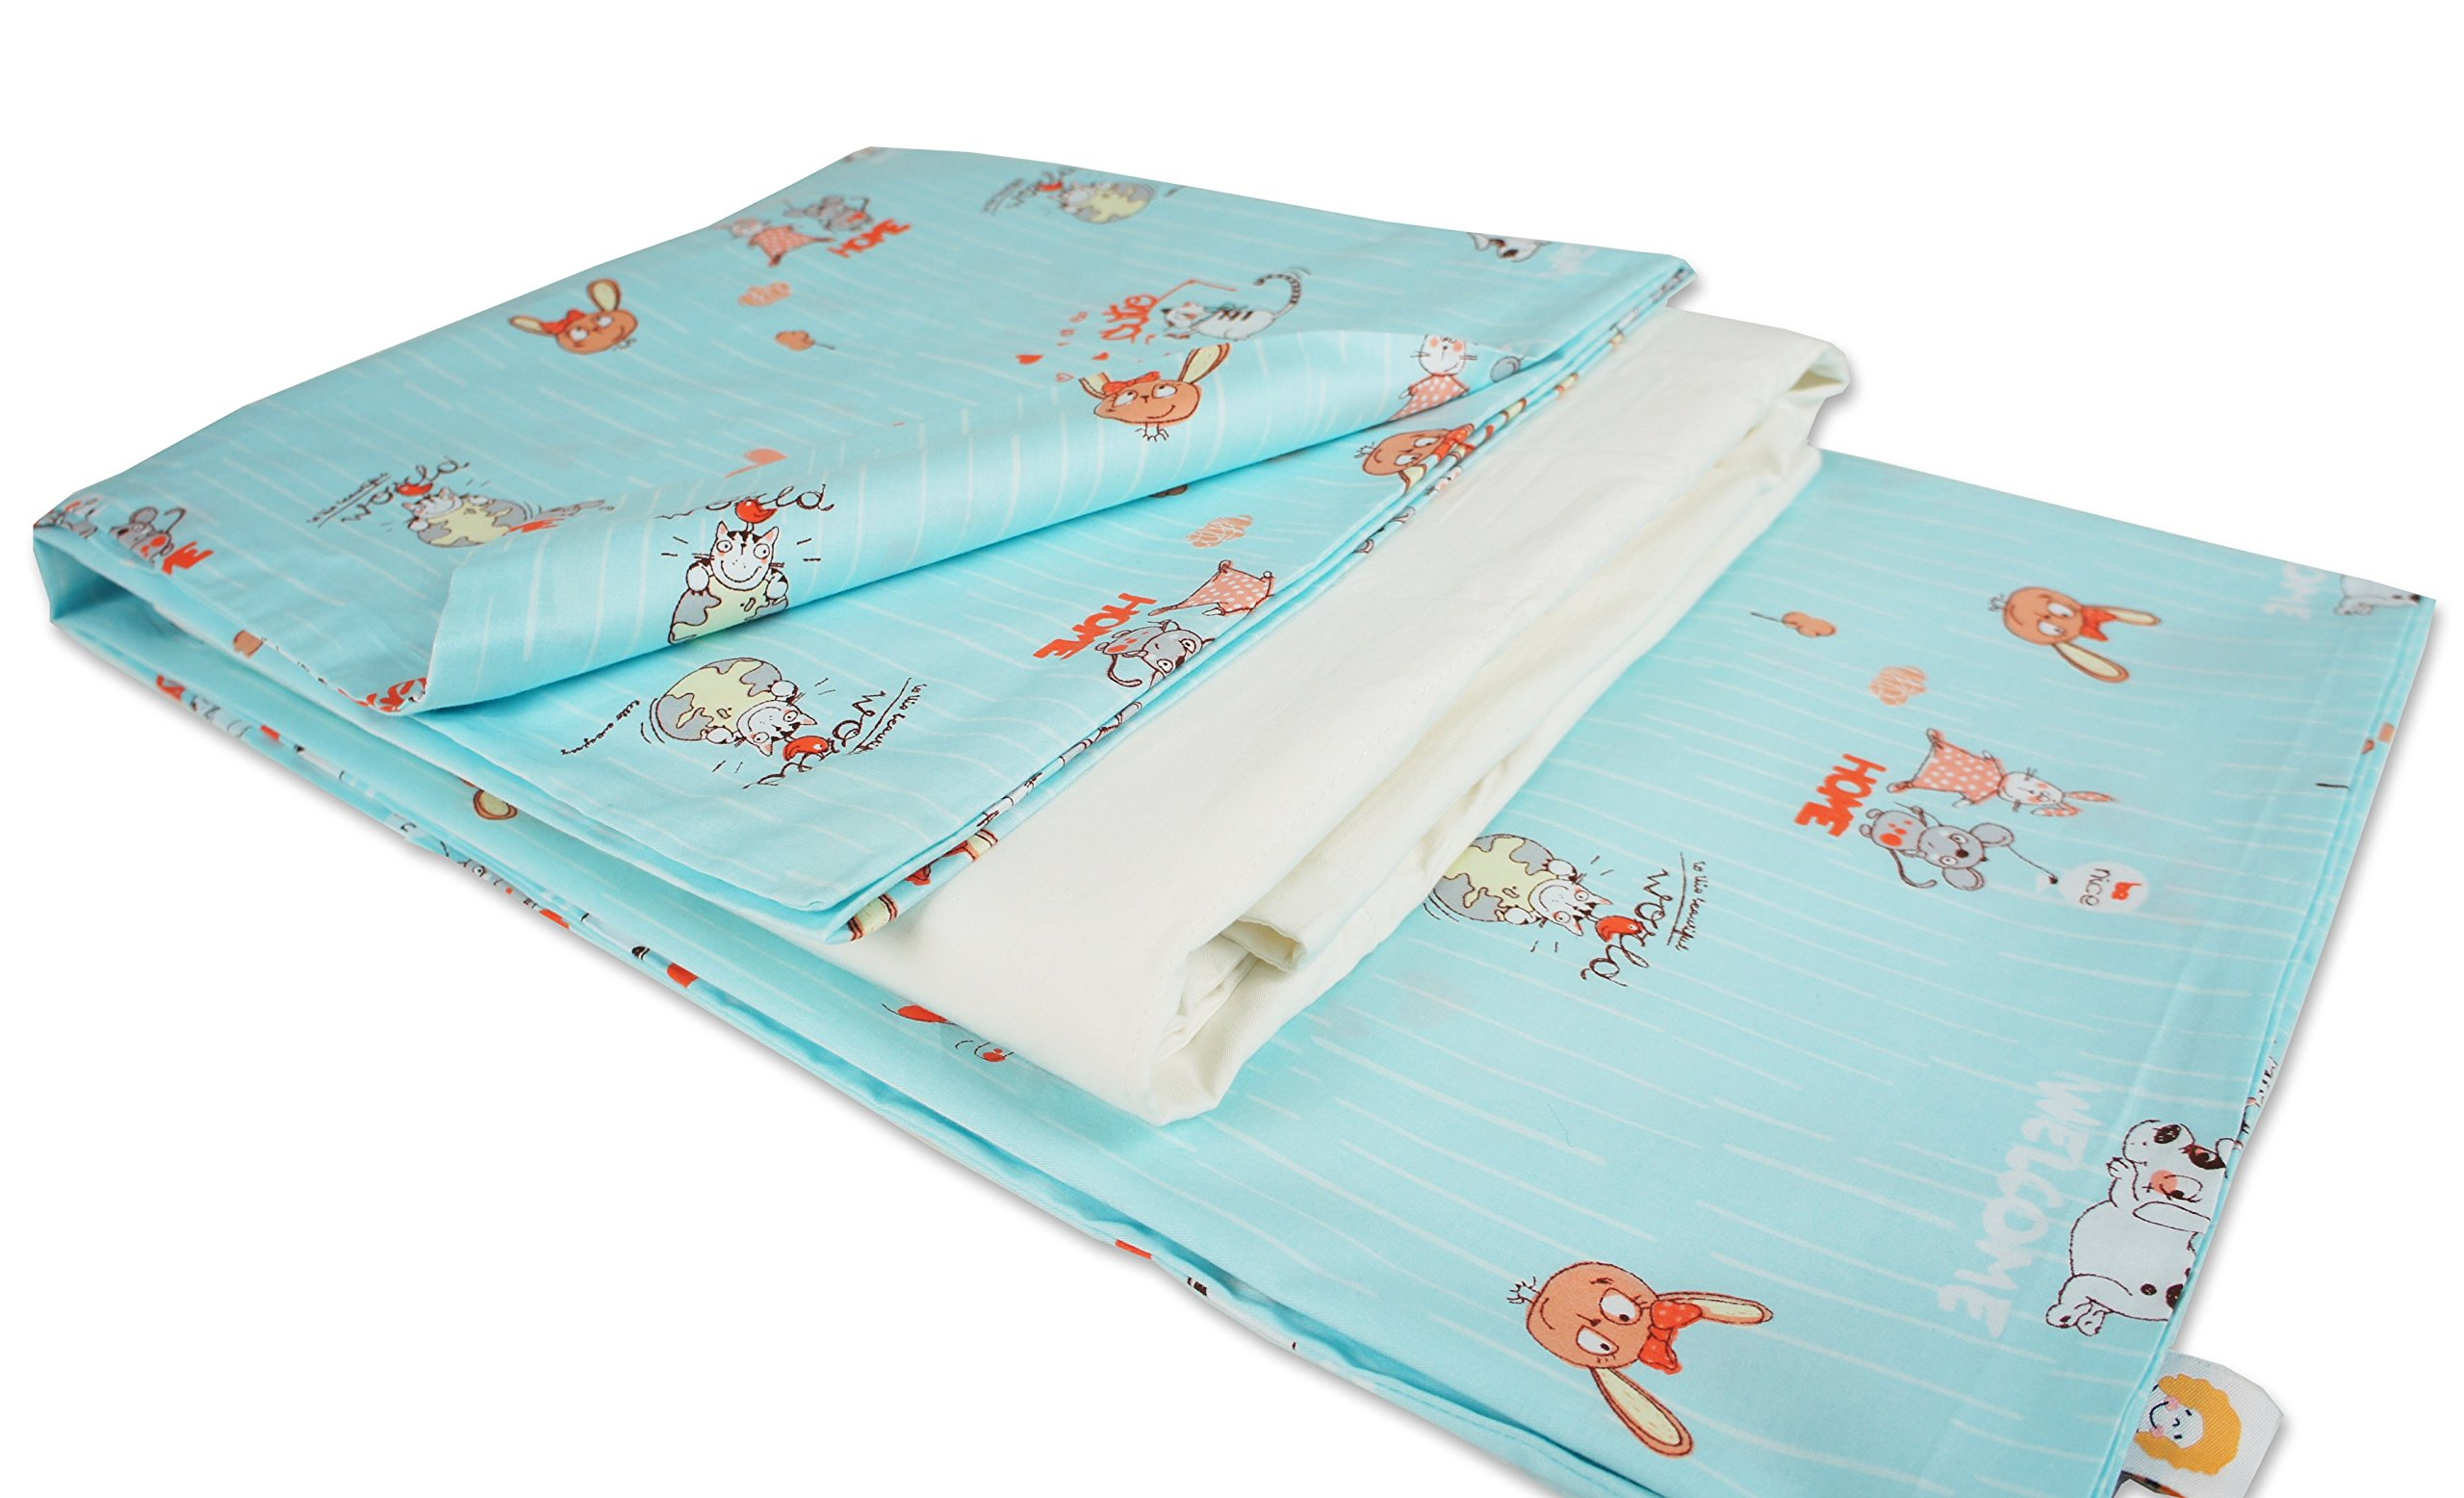 4-season Cotton Flower Toddler Blanket (Quilt + Duvet Cover) (Everyday Nice Day)